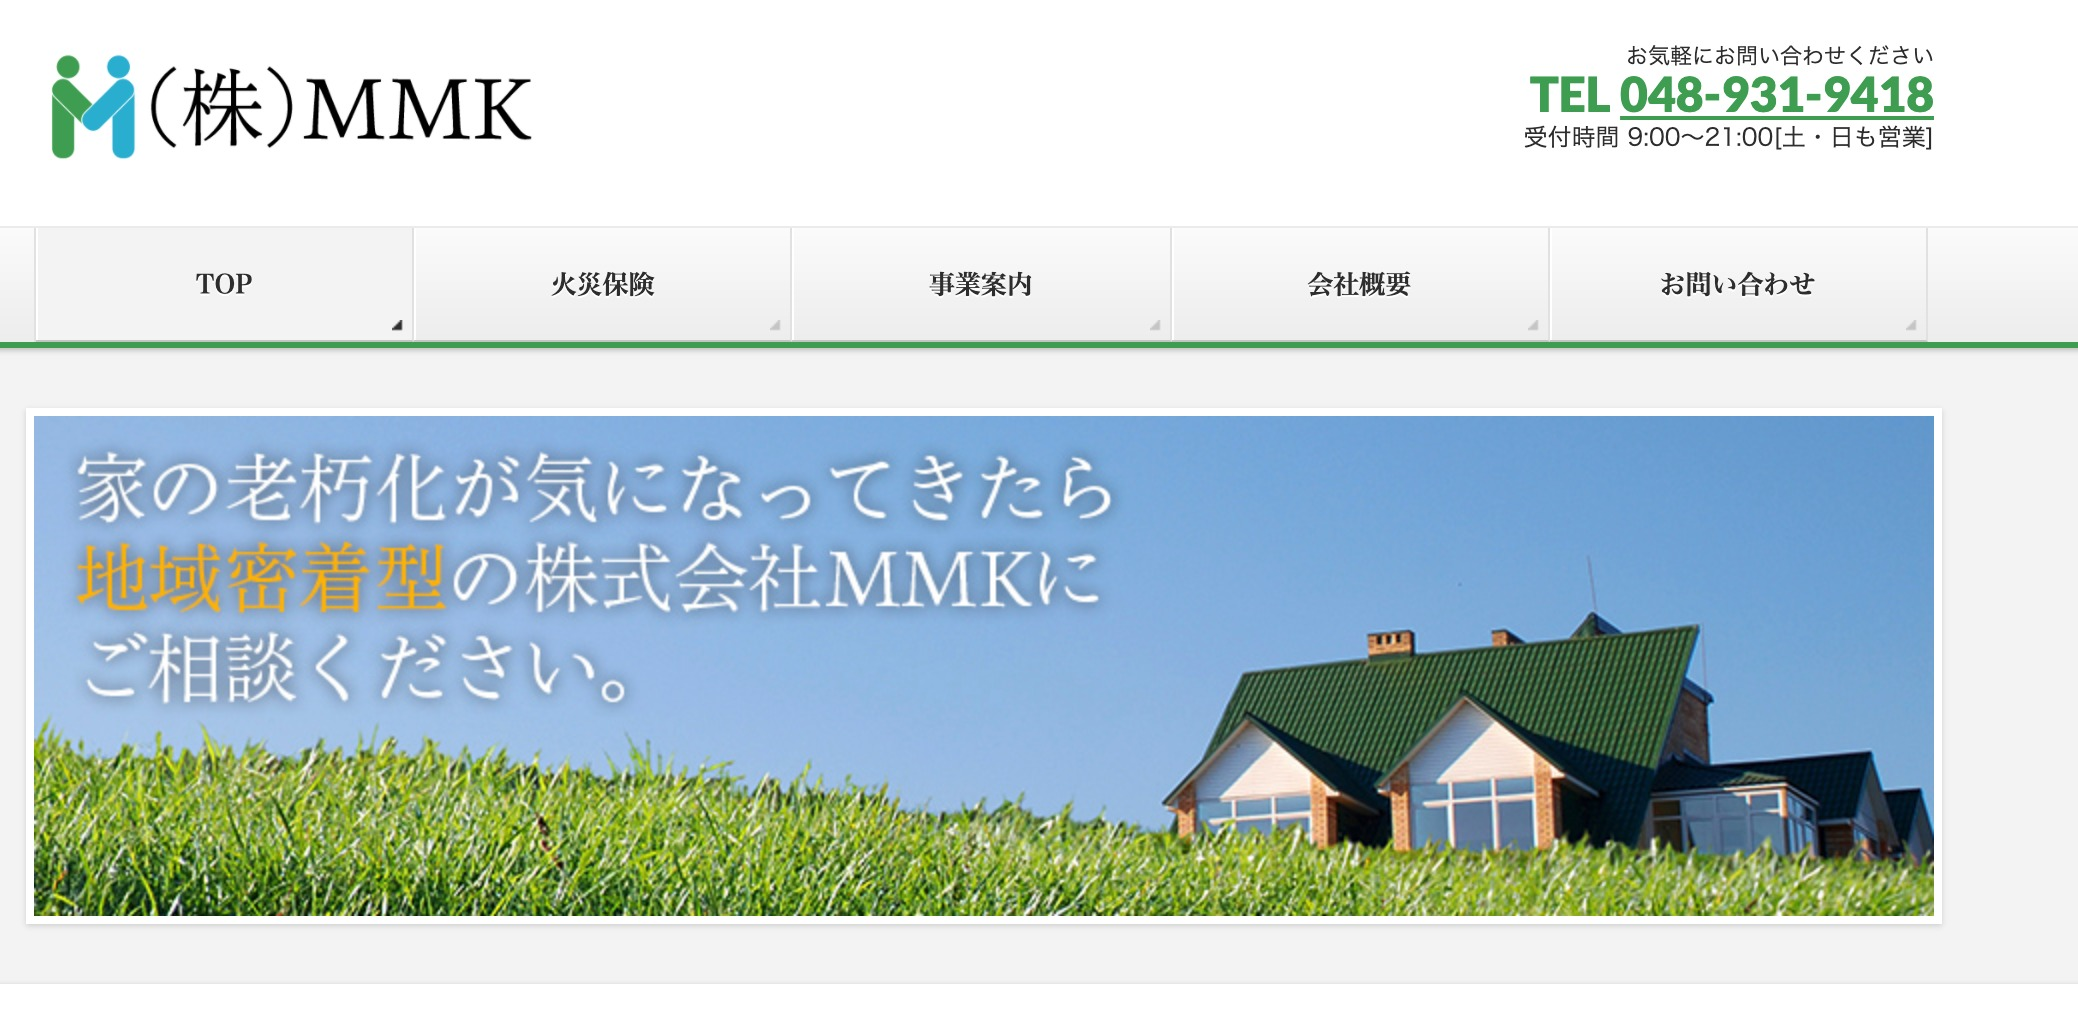 千葉の塗装会社オススメ1位:株式会社MMKの口コミ